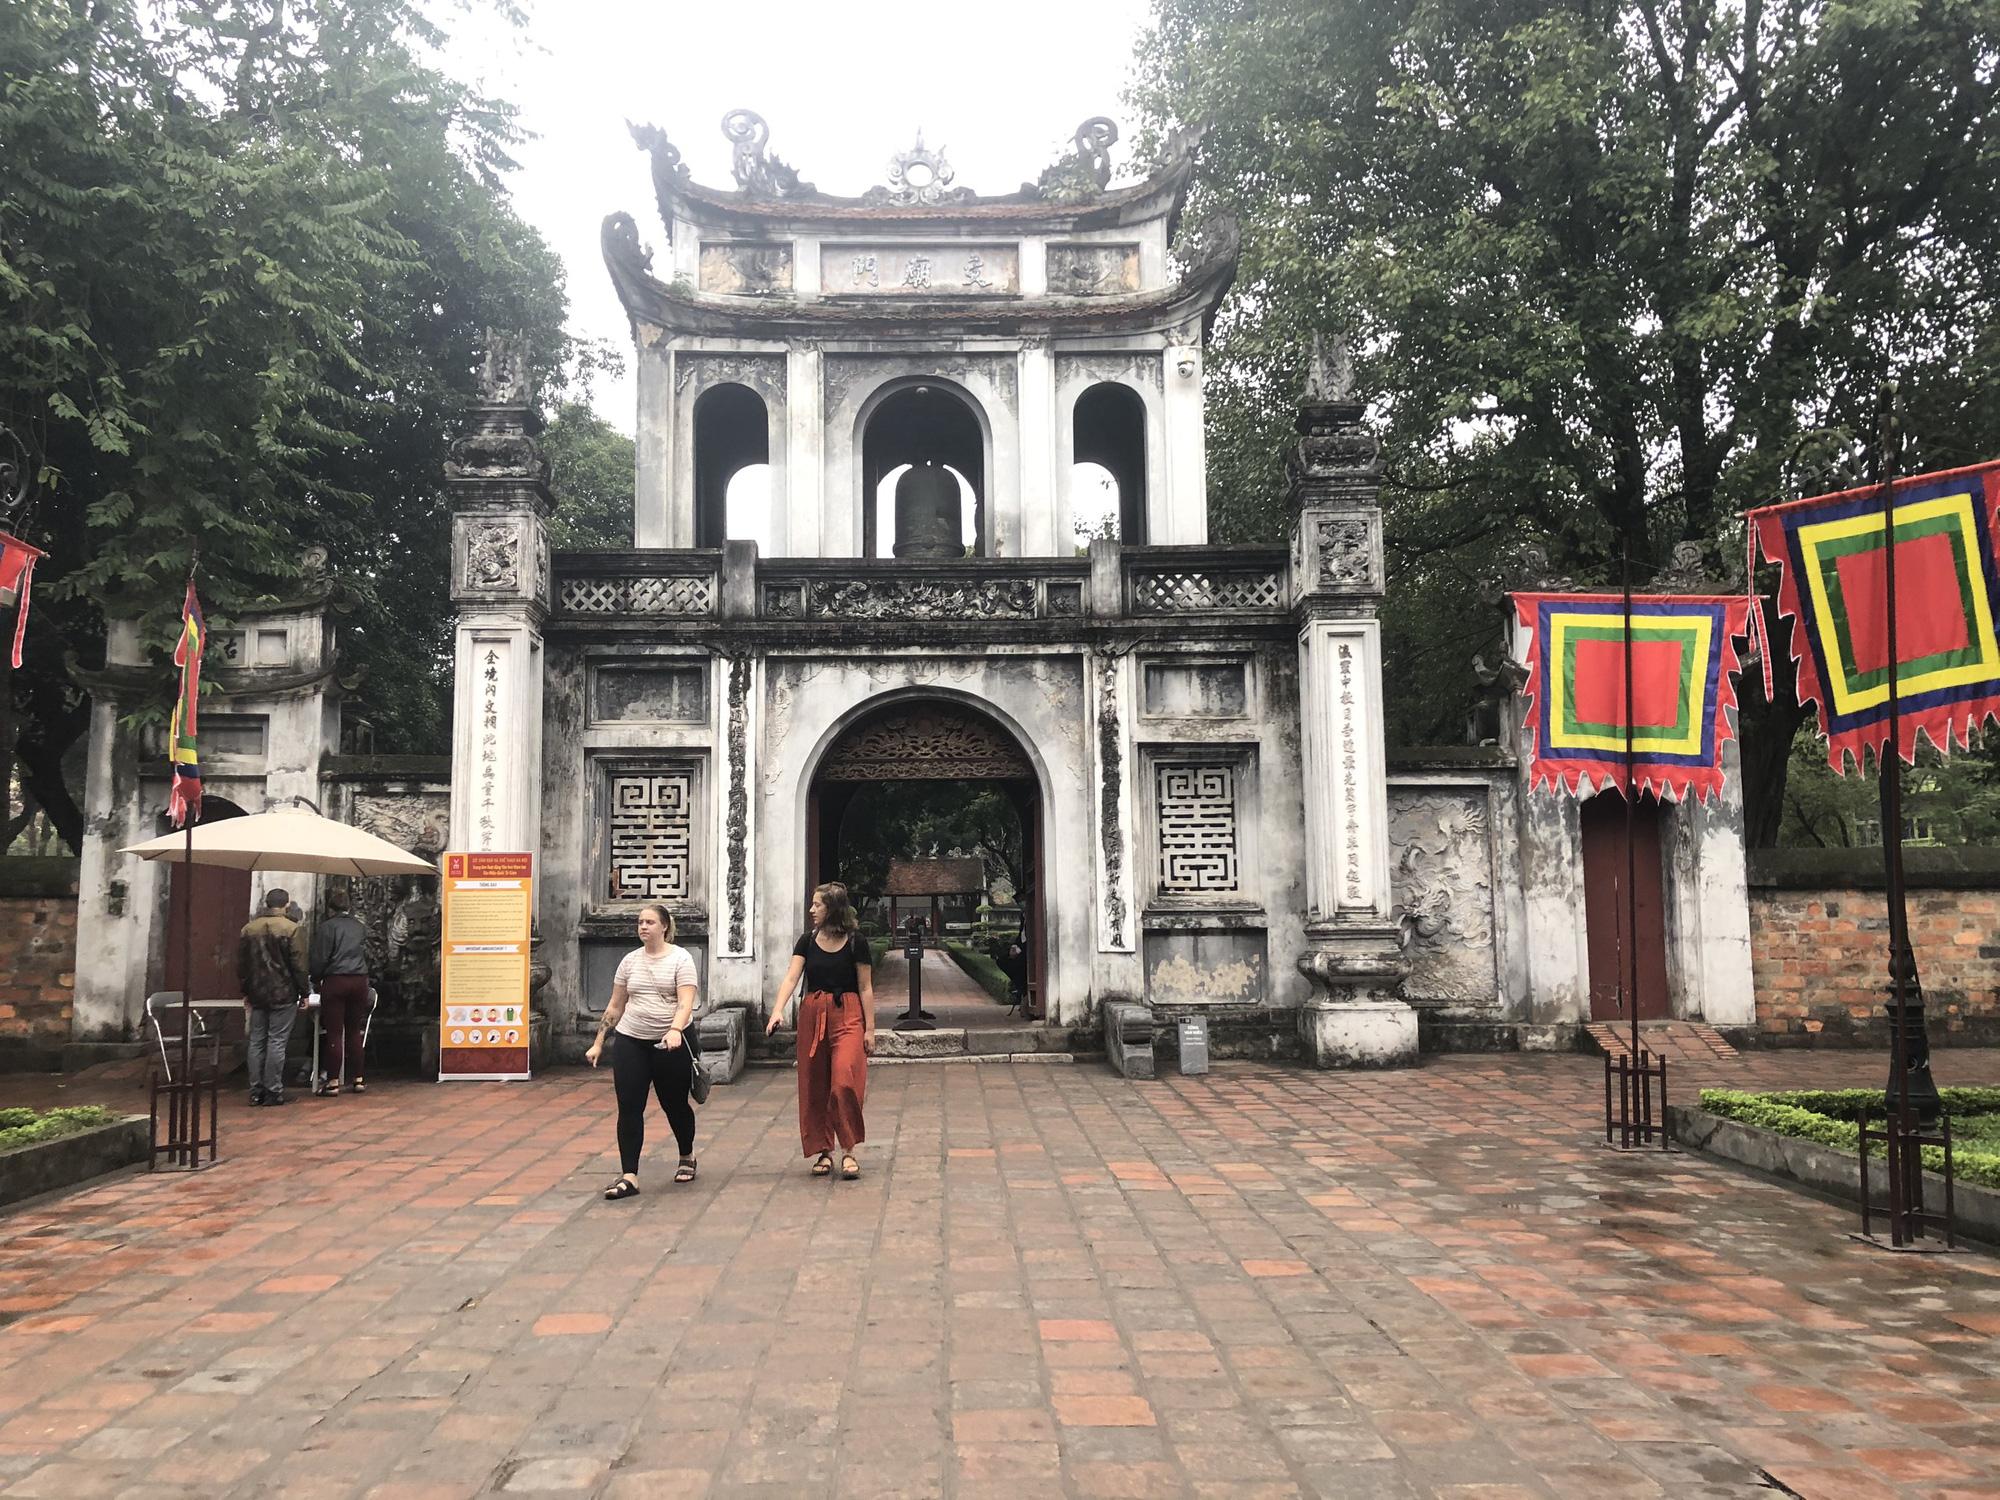 Nhiều điểm tham quan Hà Nội thưa thớt khách du lịch giữa mùa dịch corona - Ảnh 8.